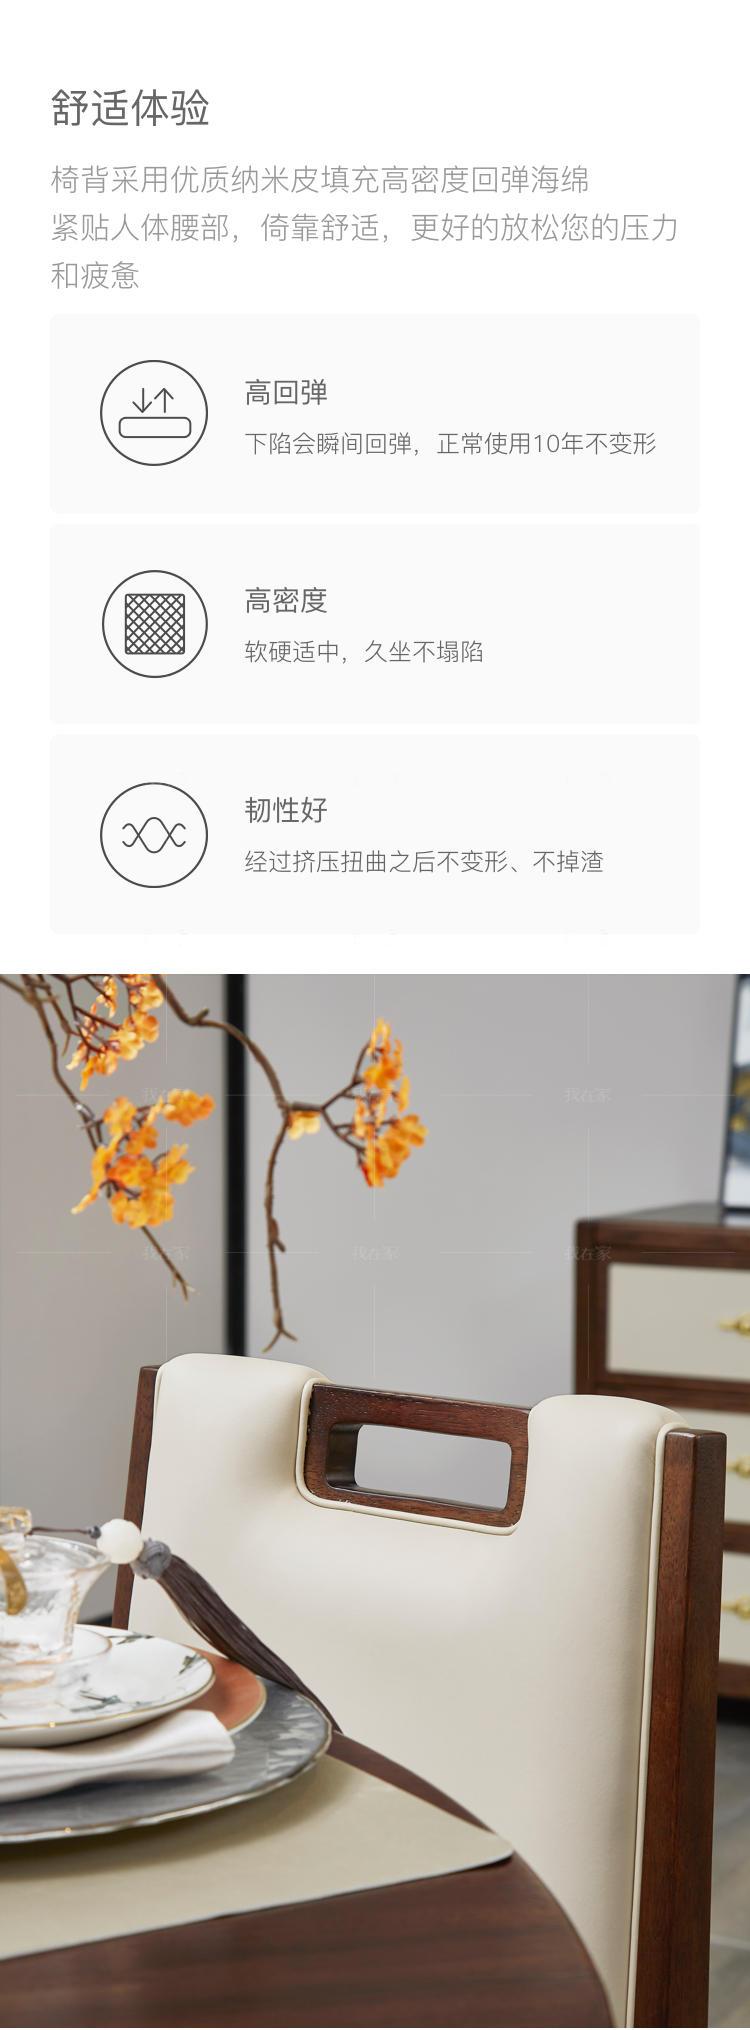 新中式风格松溪餐椅的家具详细介绍